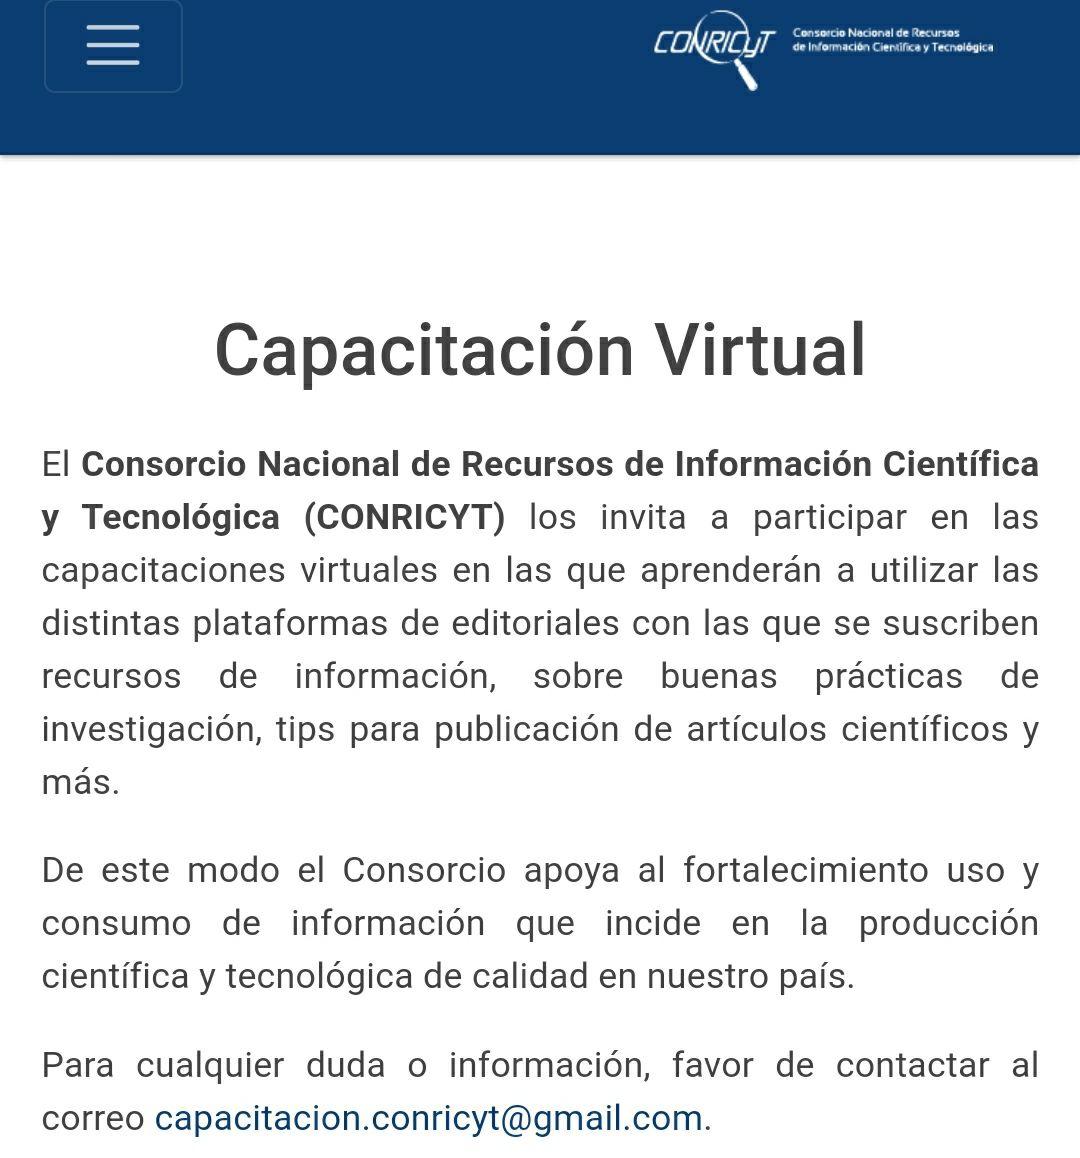 Capacitación Virtual CONRICYT